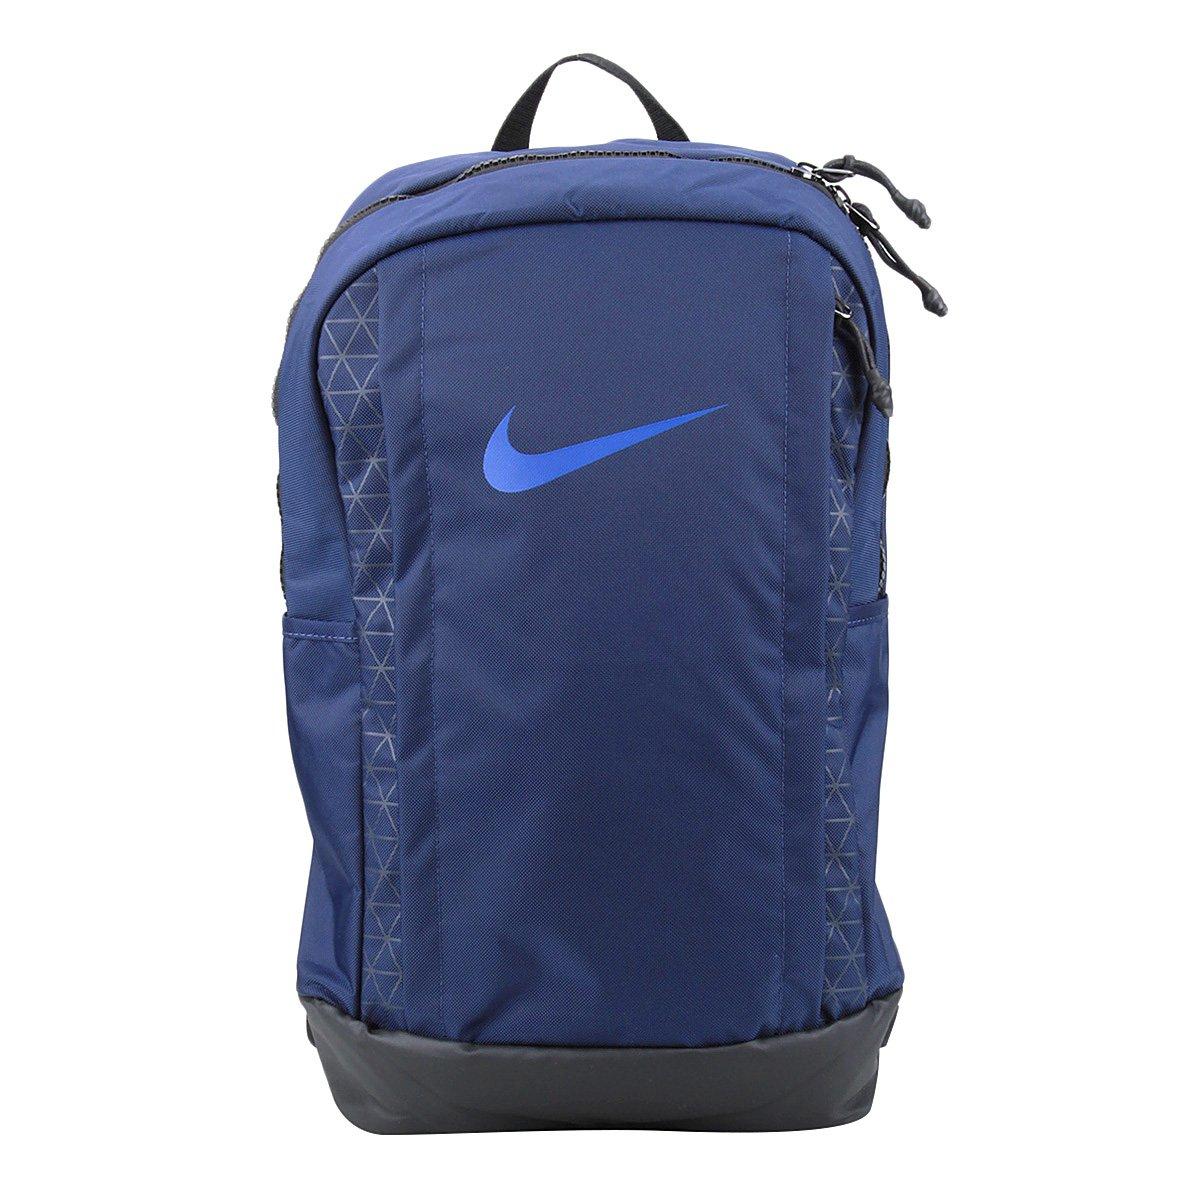 Litros E Preto Nike Mochila Azul 24 Vapor Jet rCodBex